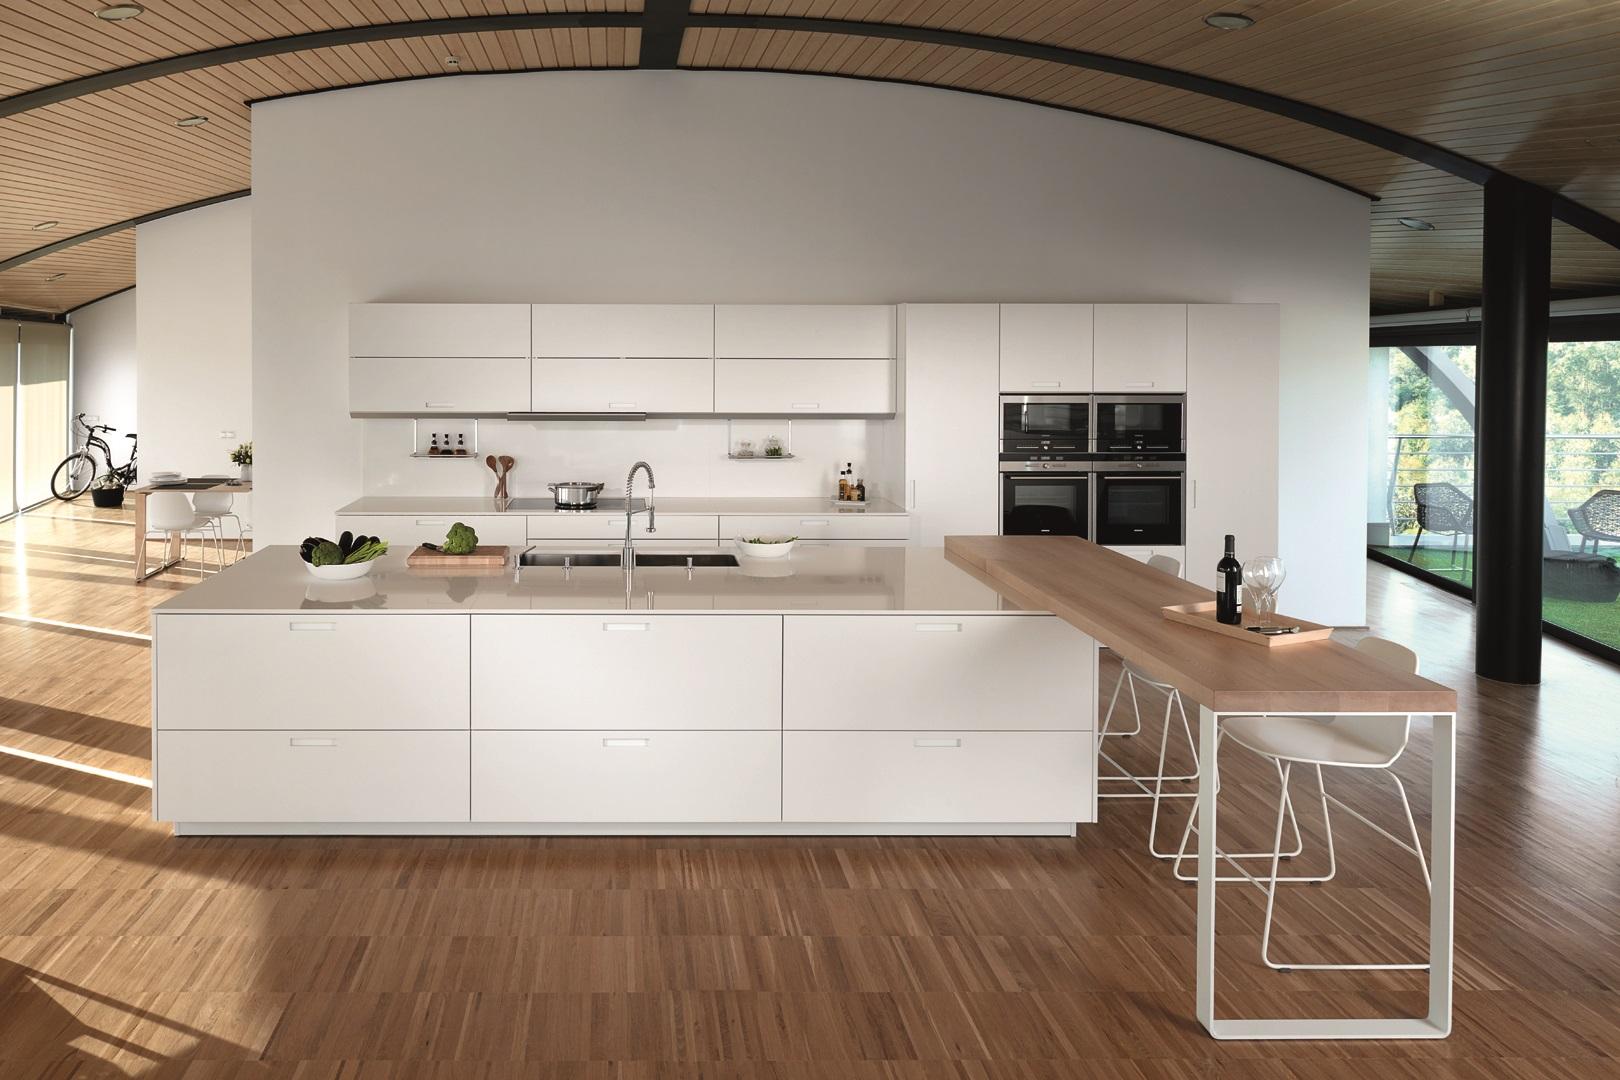 Cocina blanca con barra y suelo de madera